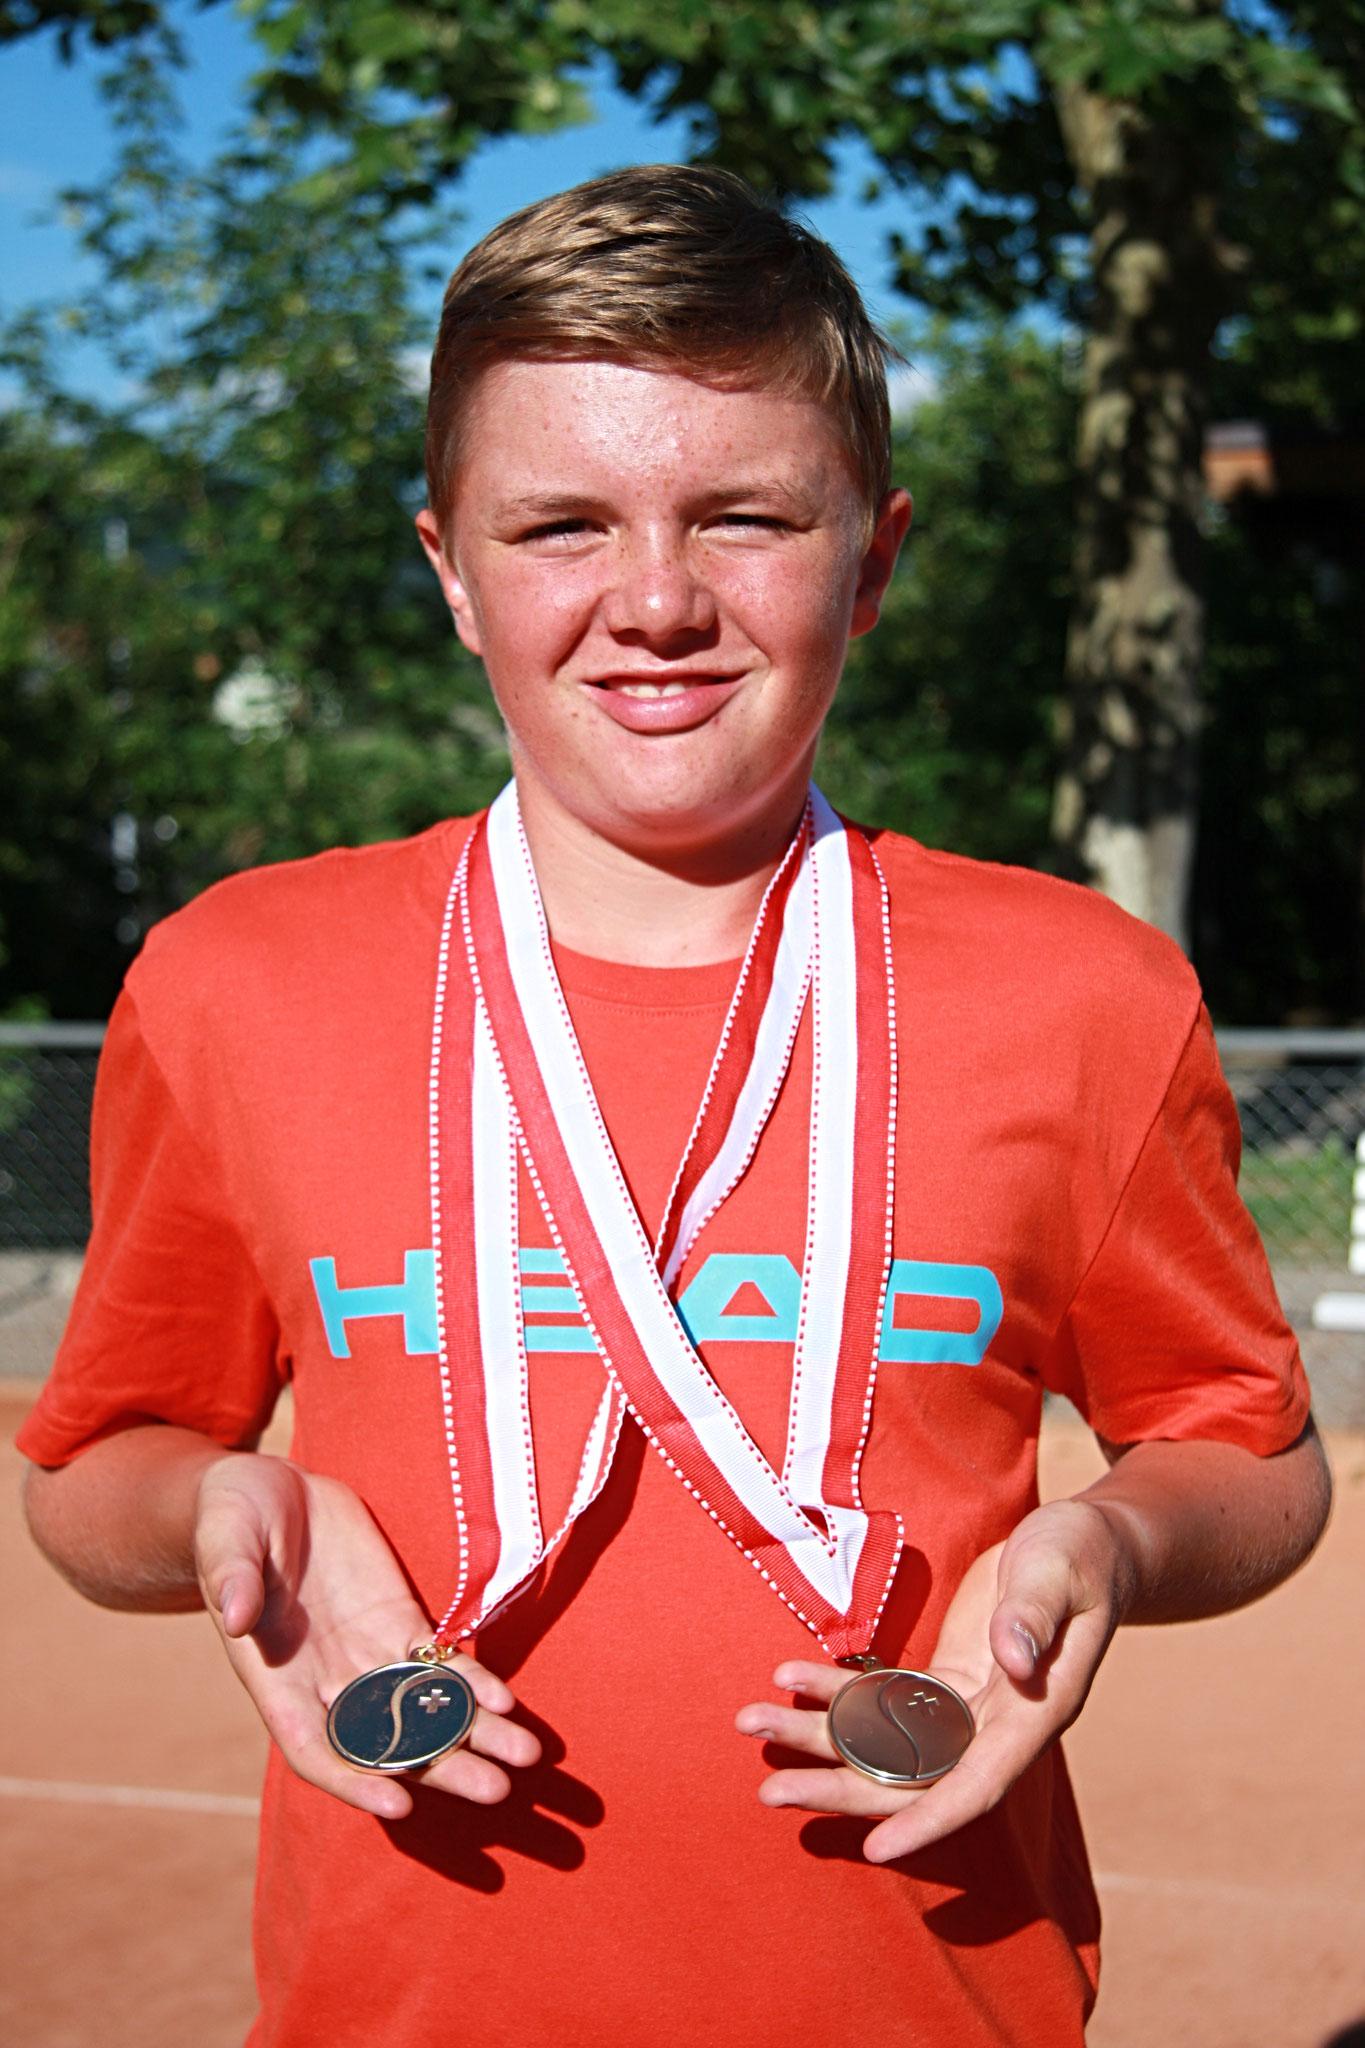 Dominic mit seinen beiden Medaillen